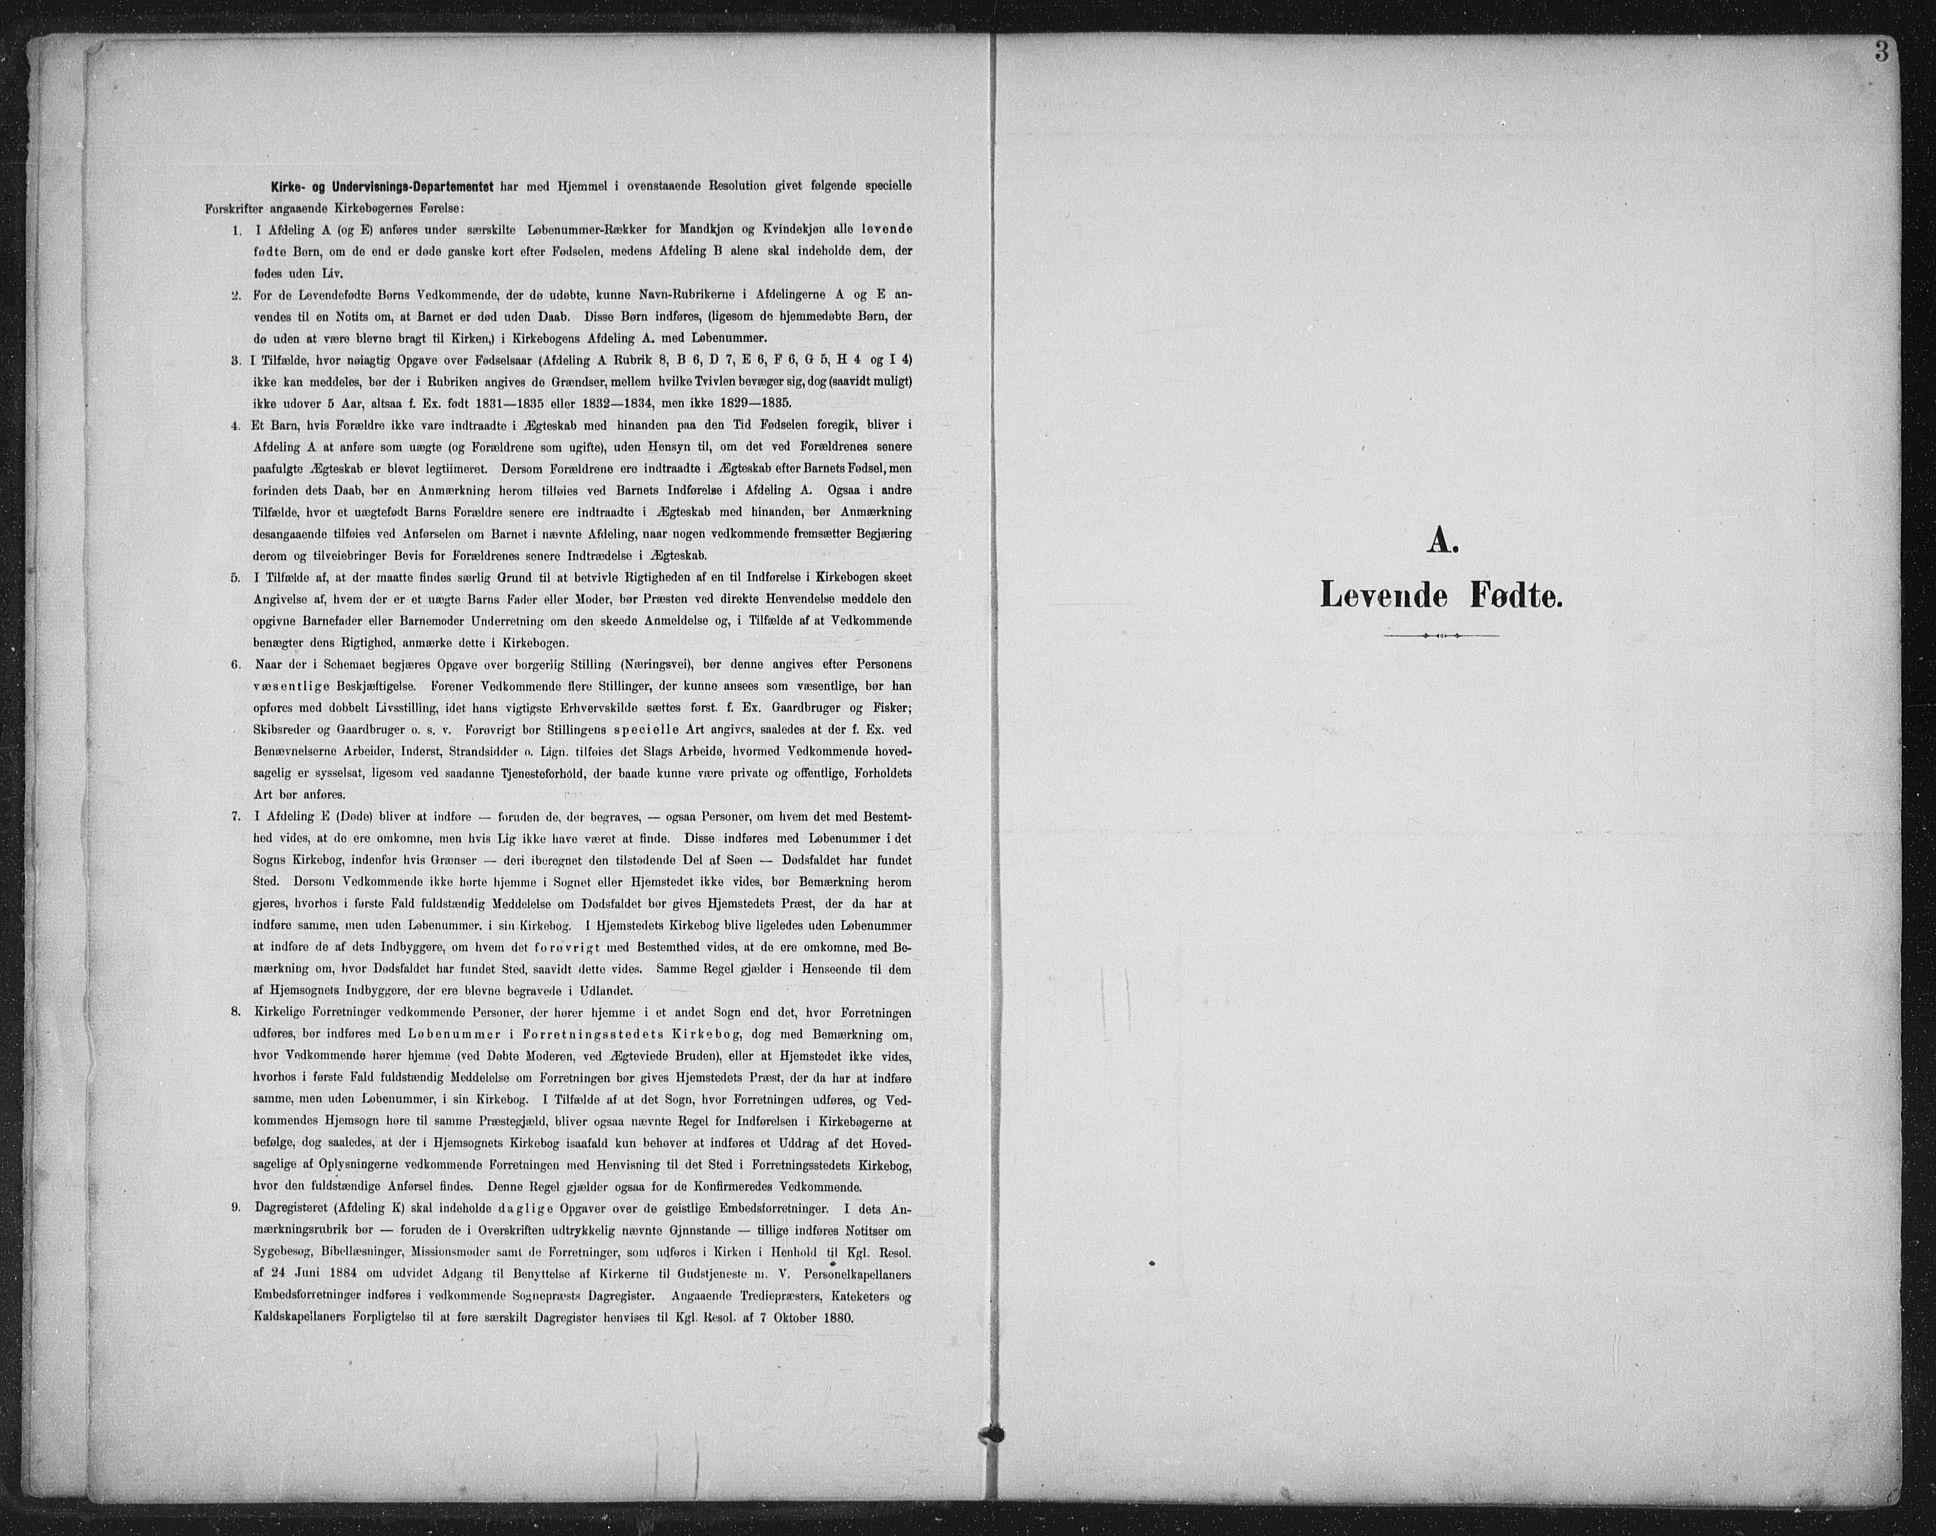 SAT, Ministerialprotokoller, klokkerbøker og fødselsregistre - Nord-Trøndelag, 724/L0269: Klokkerbok nr. 724C05, 1899-1920, s. 3